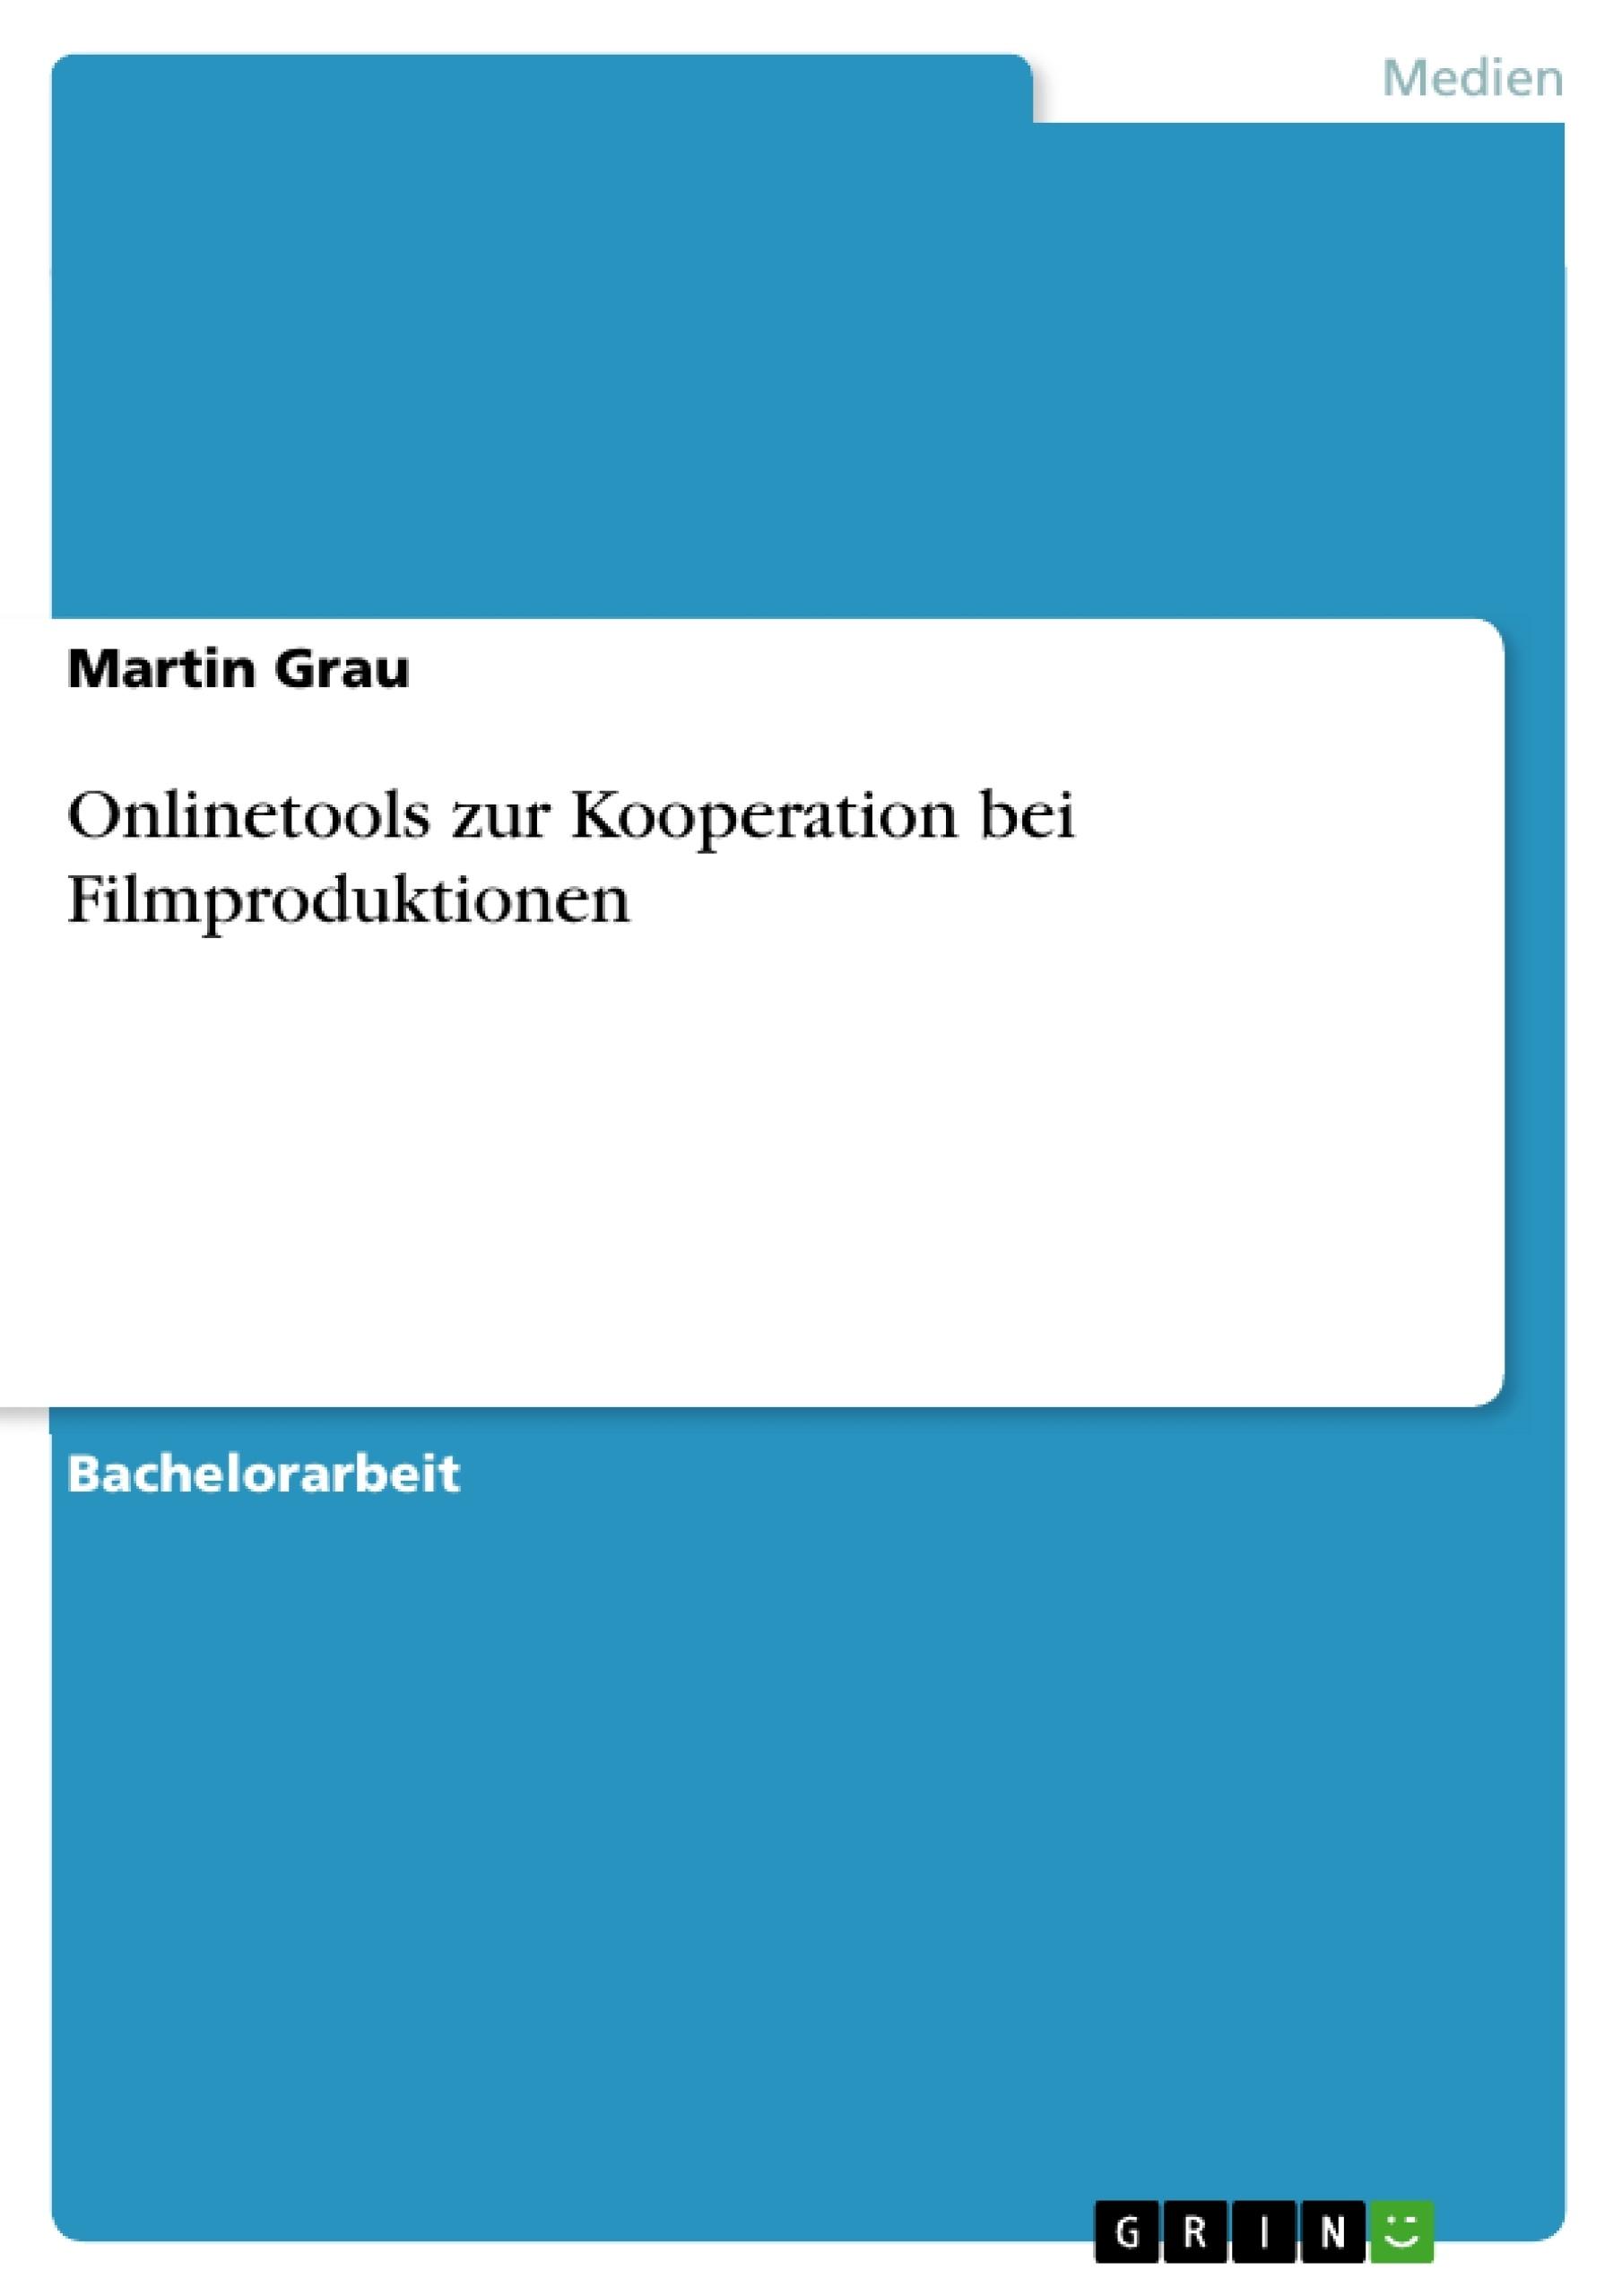 Titel: Onlinetools zur Kooperation bei Filmproduktionen